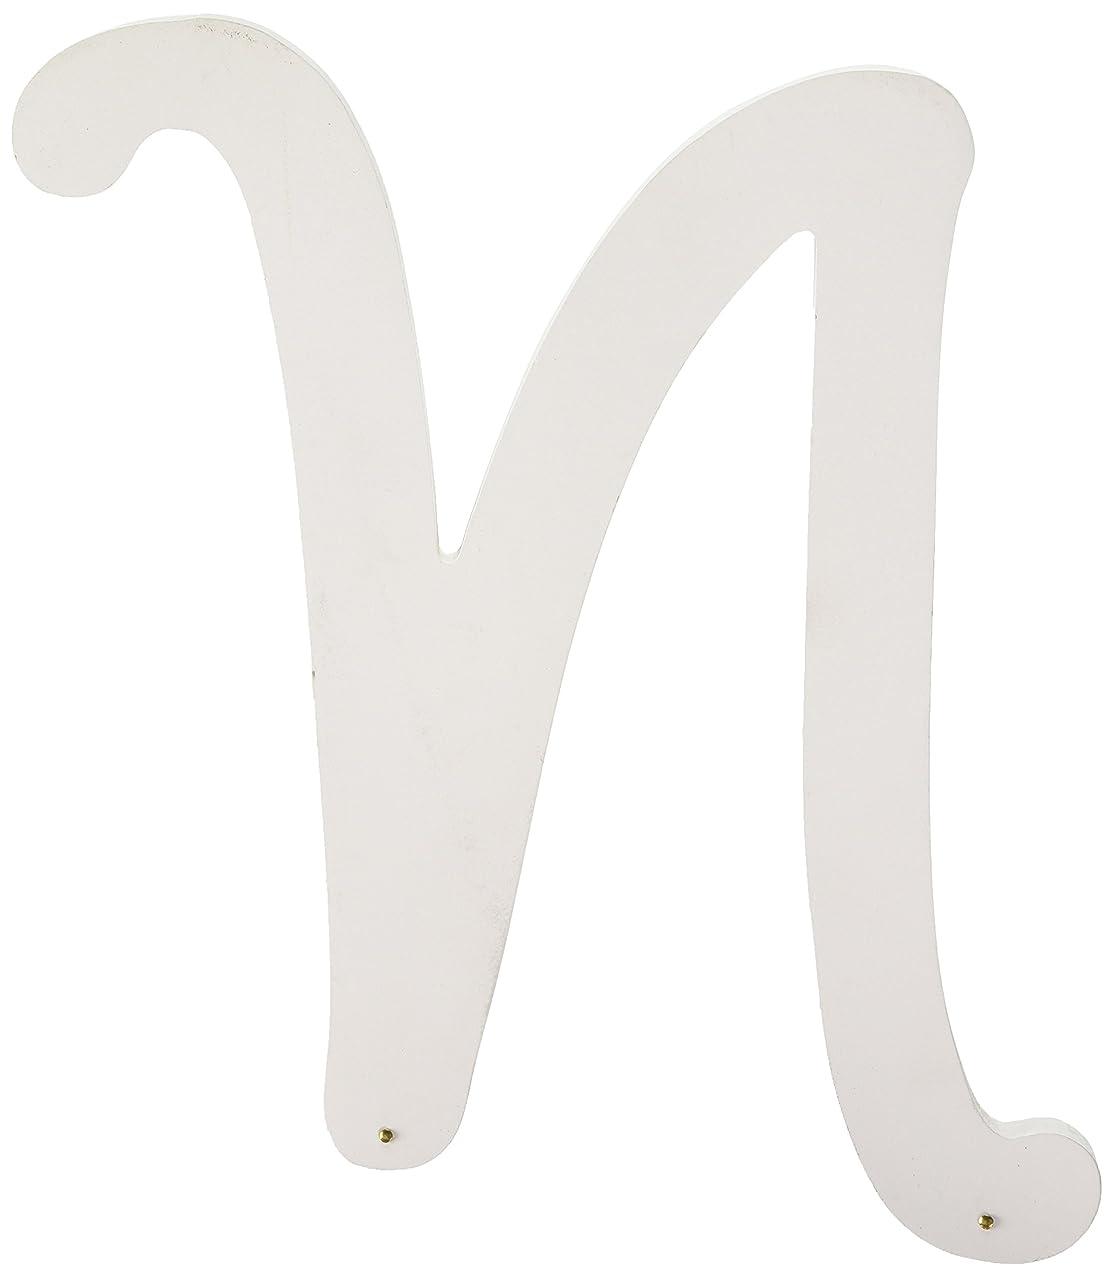 Darice U9188-N 9In White Wood Letter N